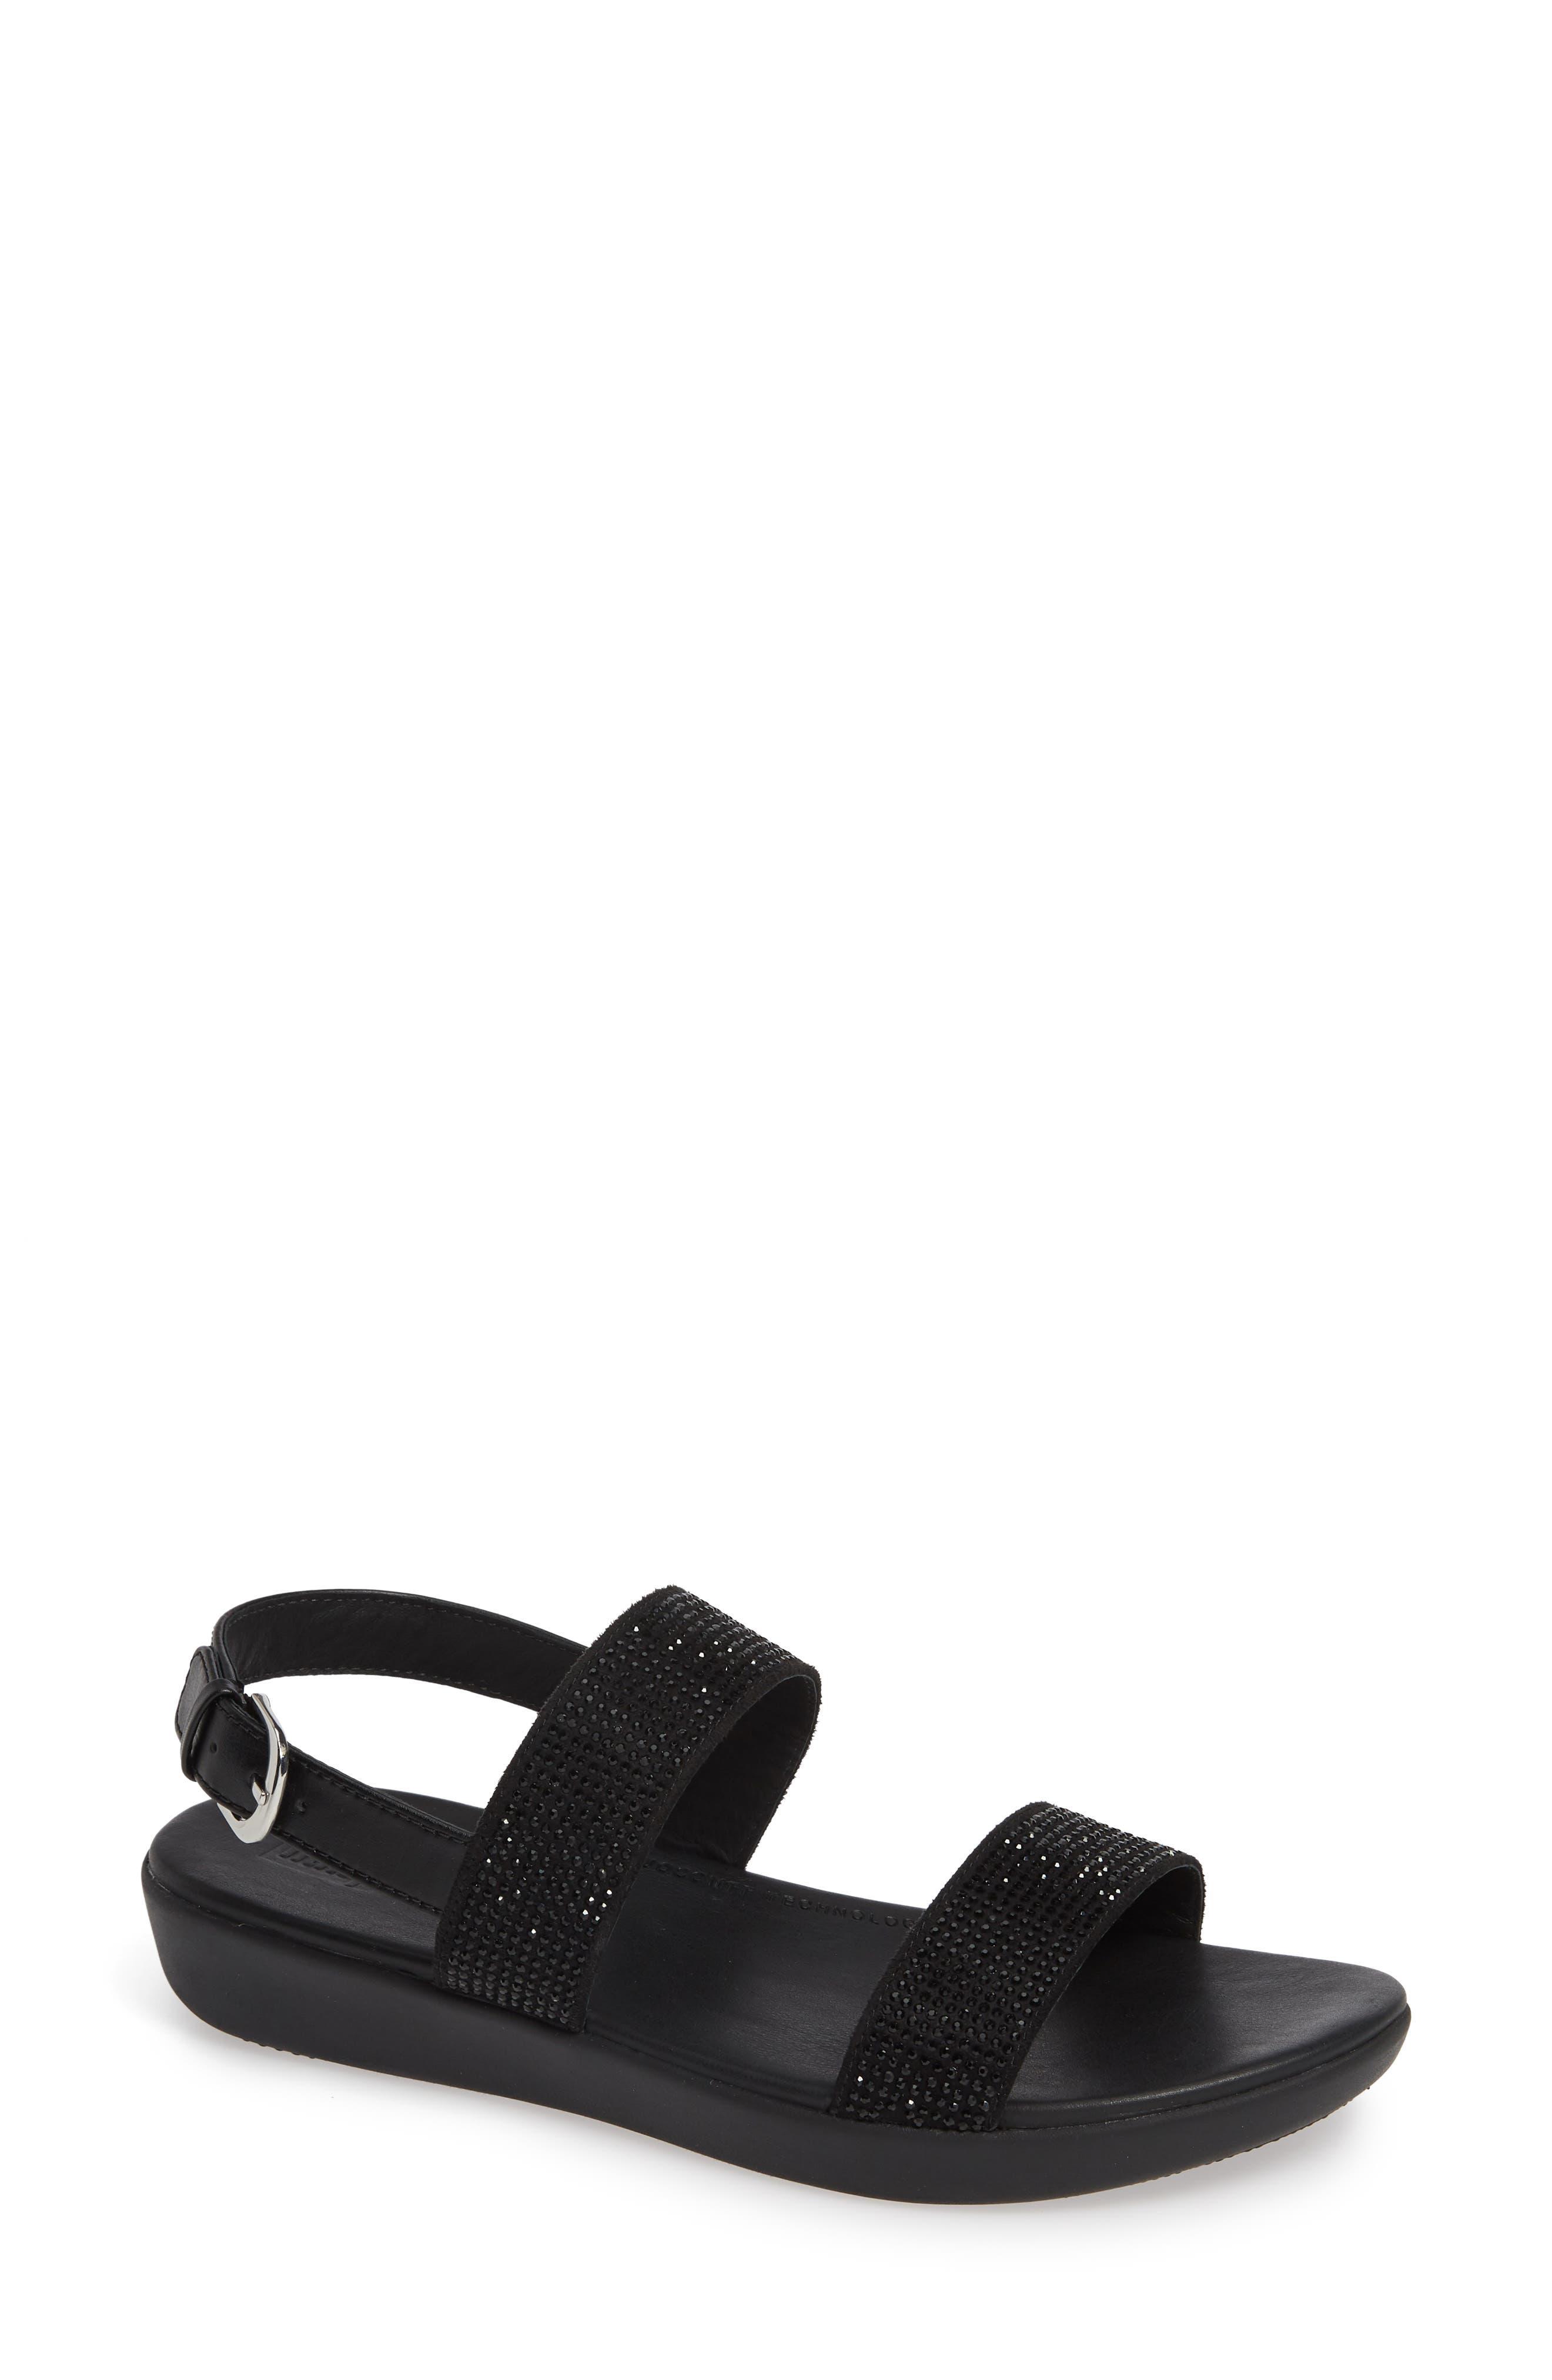 Fitflop Barra Crystalled Sandal, Black